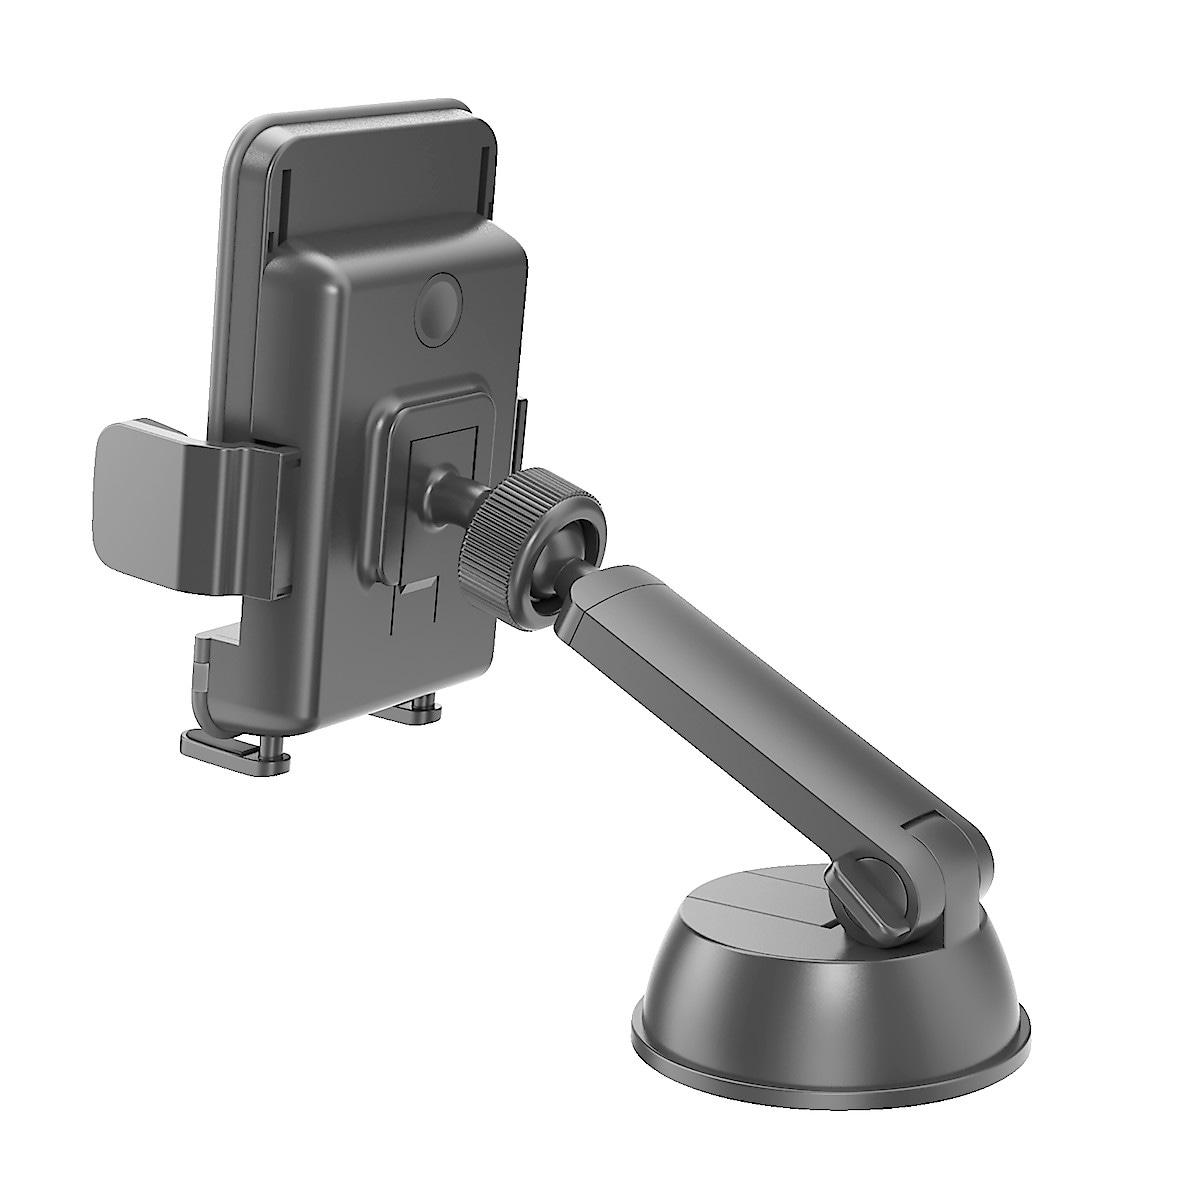 Telefonhållare med trådlös laddning (5 W) Celly Mountcharge